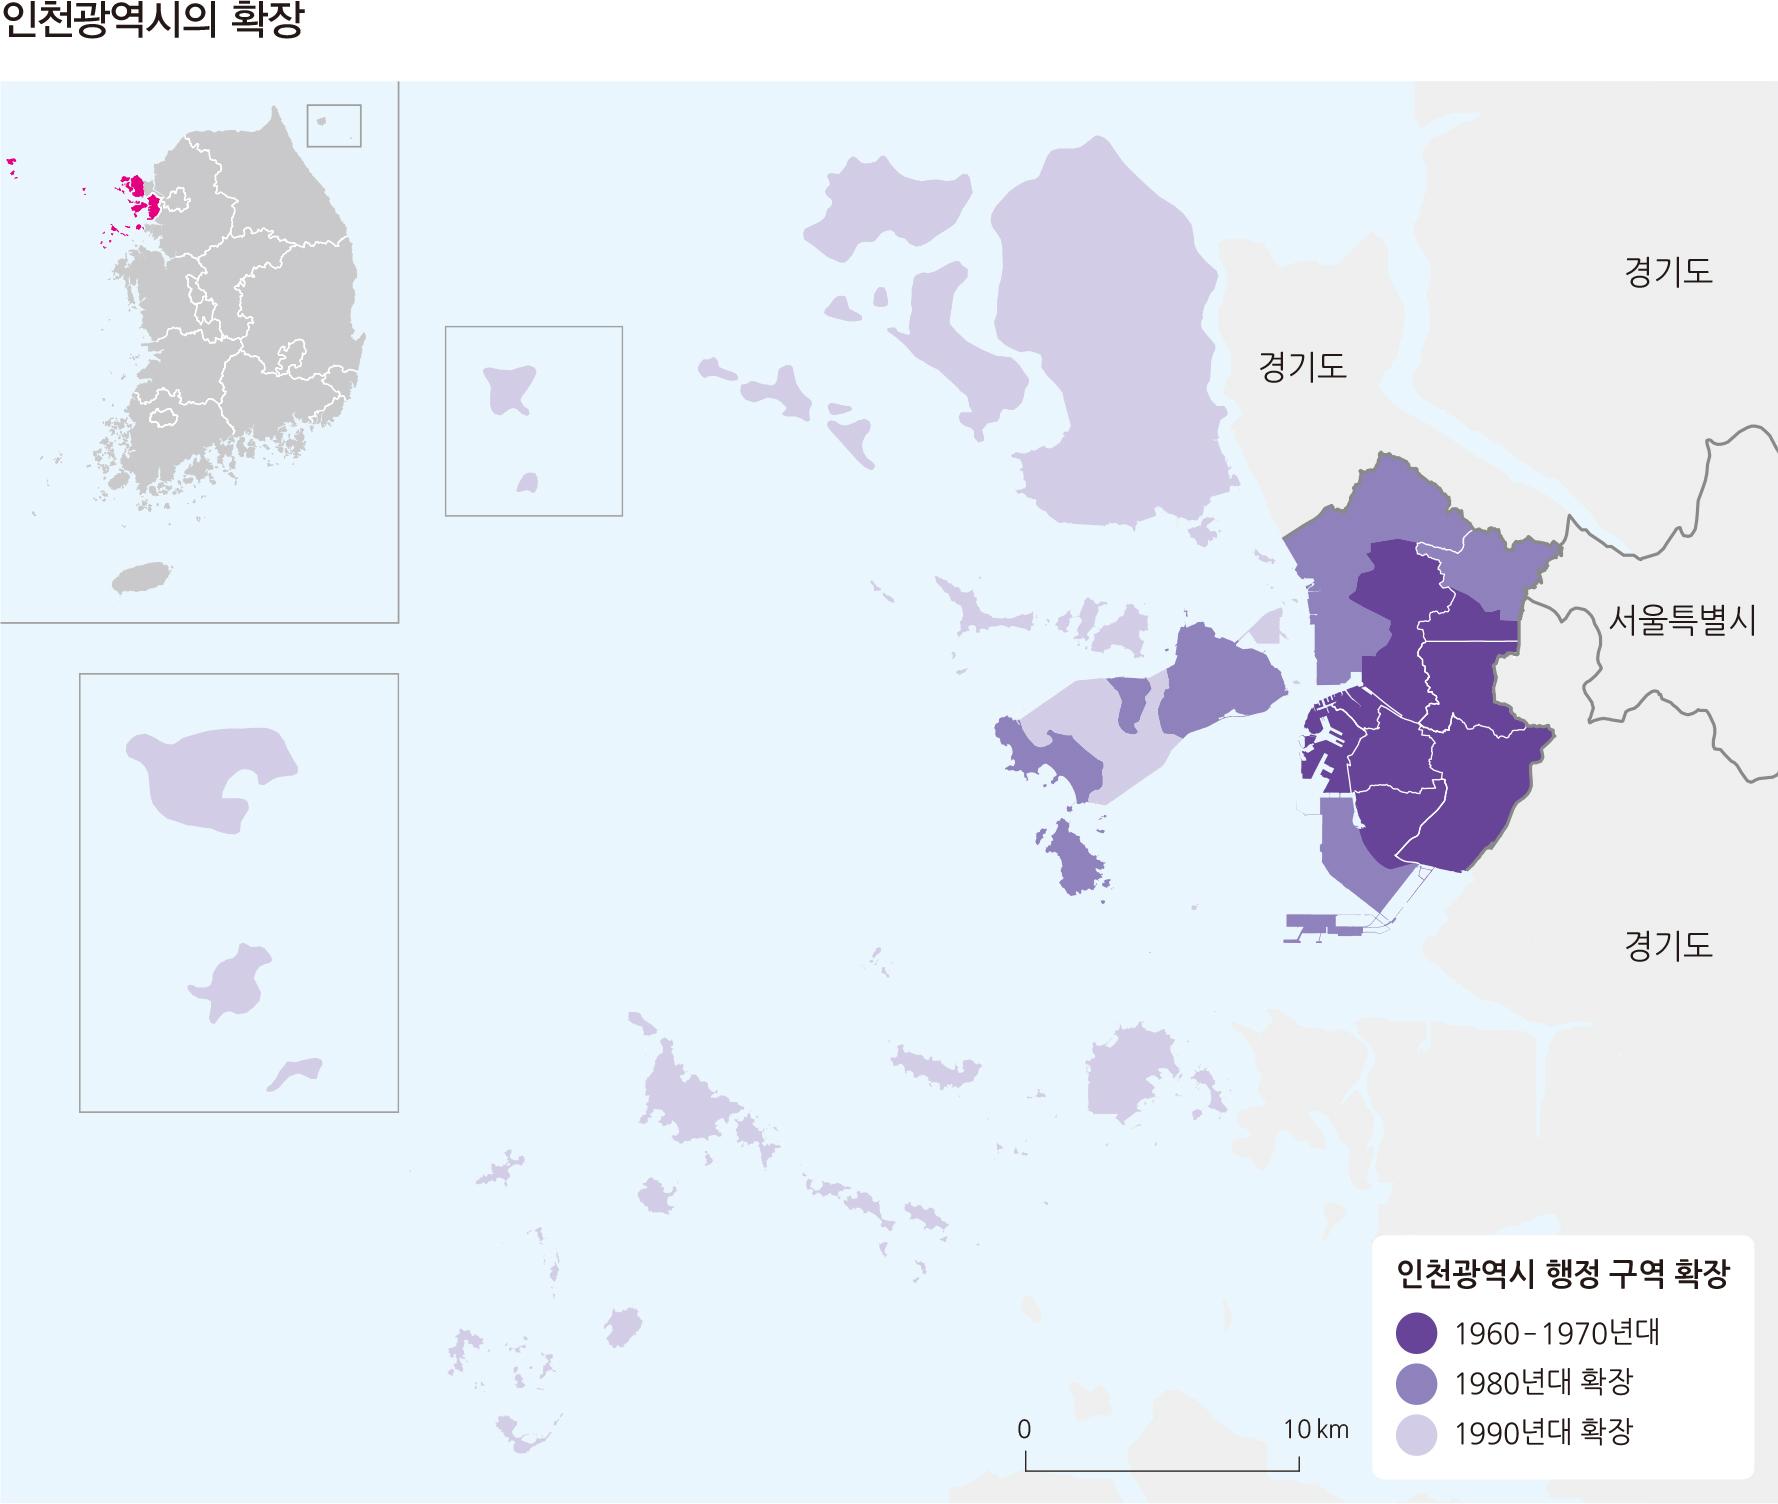 인천광역시의 확장